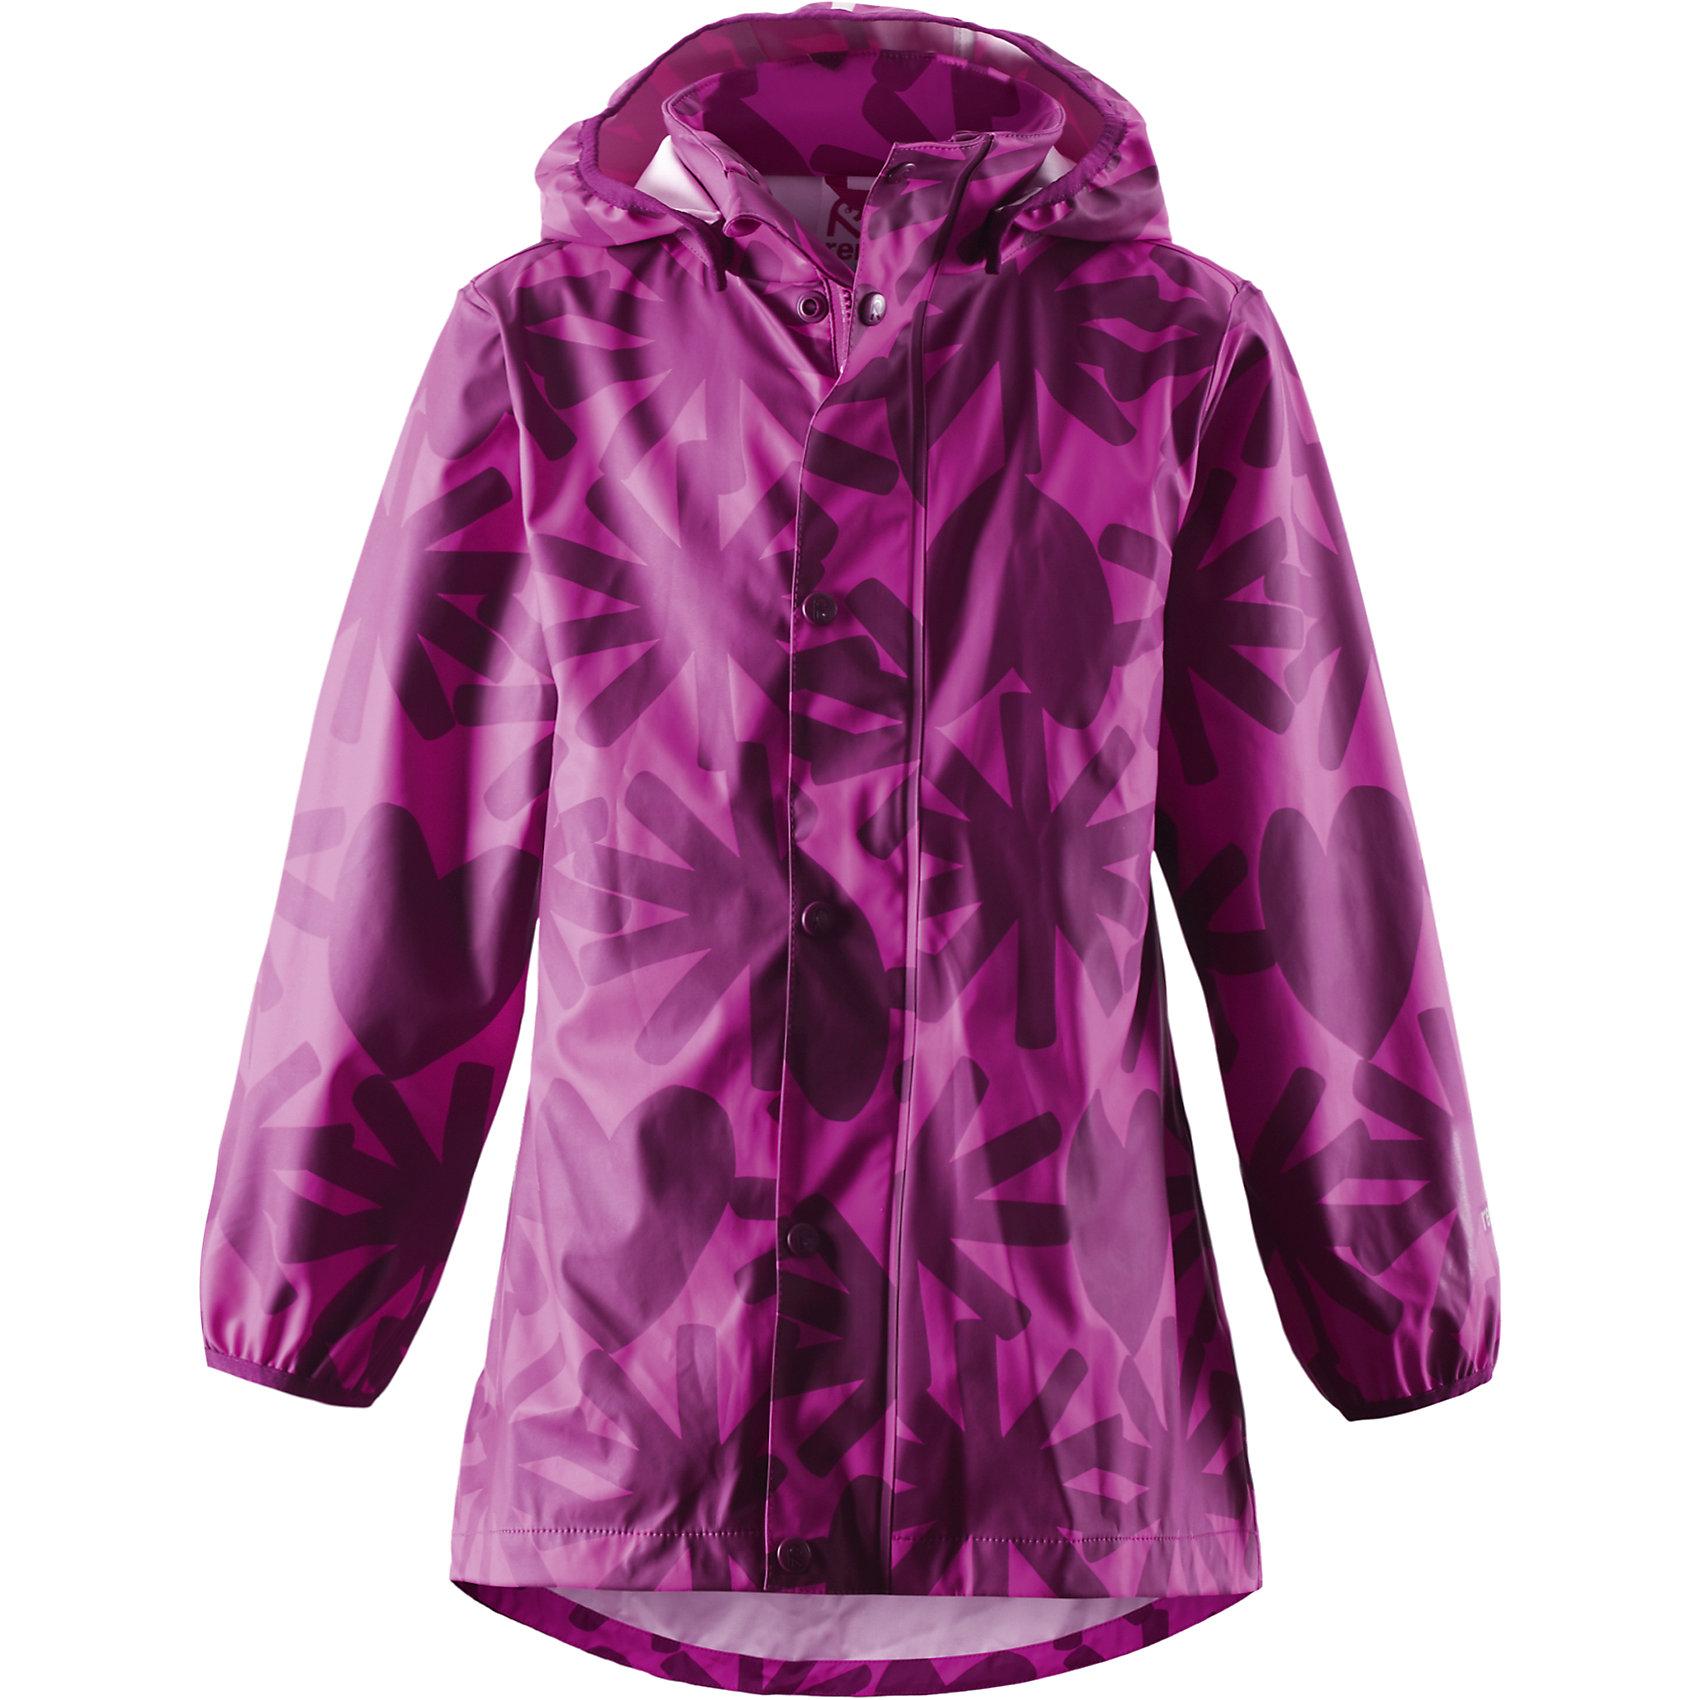 Плащ-дождевик Kaste для девочки ReimaПлащ-дождевик для девочки Reima<br>Куртка-дождевик для детей. Запаянные швы, не пропускающие влагу. Эластичный материал. Без ПХВ. Безопасный, съемный капюшон. Эластичная резинка на кромке капюшона. Эластичные манжеты. Трапециевидная форма с удлиненным сзади подолом. Молния спереди. Принт по всей поверхности. Безопасные светоотражающие детали. Отличный вариант для дождливой погоды.<br>Уход:<br>Стирать по отдельности, вывернув наизнанку. Застегнуть молнии и липучки. Стирать моющим средством, не содержащим отбеливающие вещества. Полоскать без специального средства. Во избежание изменения цвета изделие необходимо вынуть из стиральной машинки незамедлительно после окончания программы стирки. Сушить при низкой температуре.<br>Состав:<br>100% Полиамид, полиуретановое покрытие<br><br>Ширина мм: 356<br>Глубина мм: 10<br>Высота мм: 245<br>Вес г: 519<br>Цвет: розовый<br>Возраст от месяцев: 36<br>Возраст до месяцев: 48<br>Пол: Женский<br>Возраст: Детский<br>Размер: 104,134,140,110,116,128,122<br>SKU: 4776500